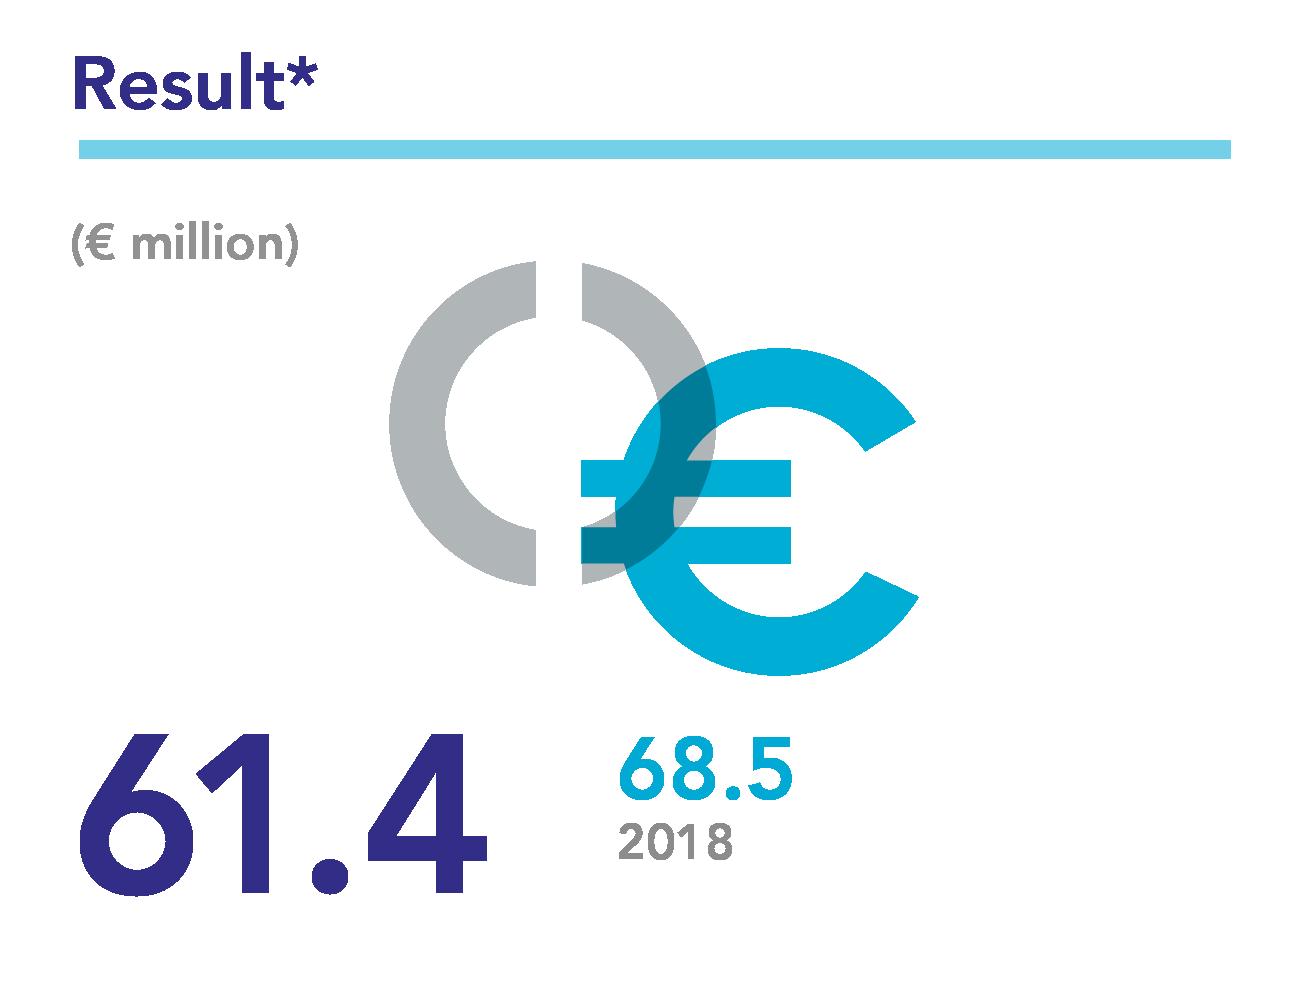 Results 2019: 61.4 million euros